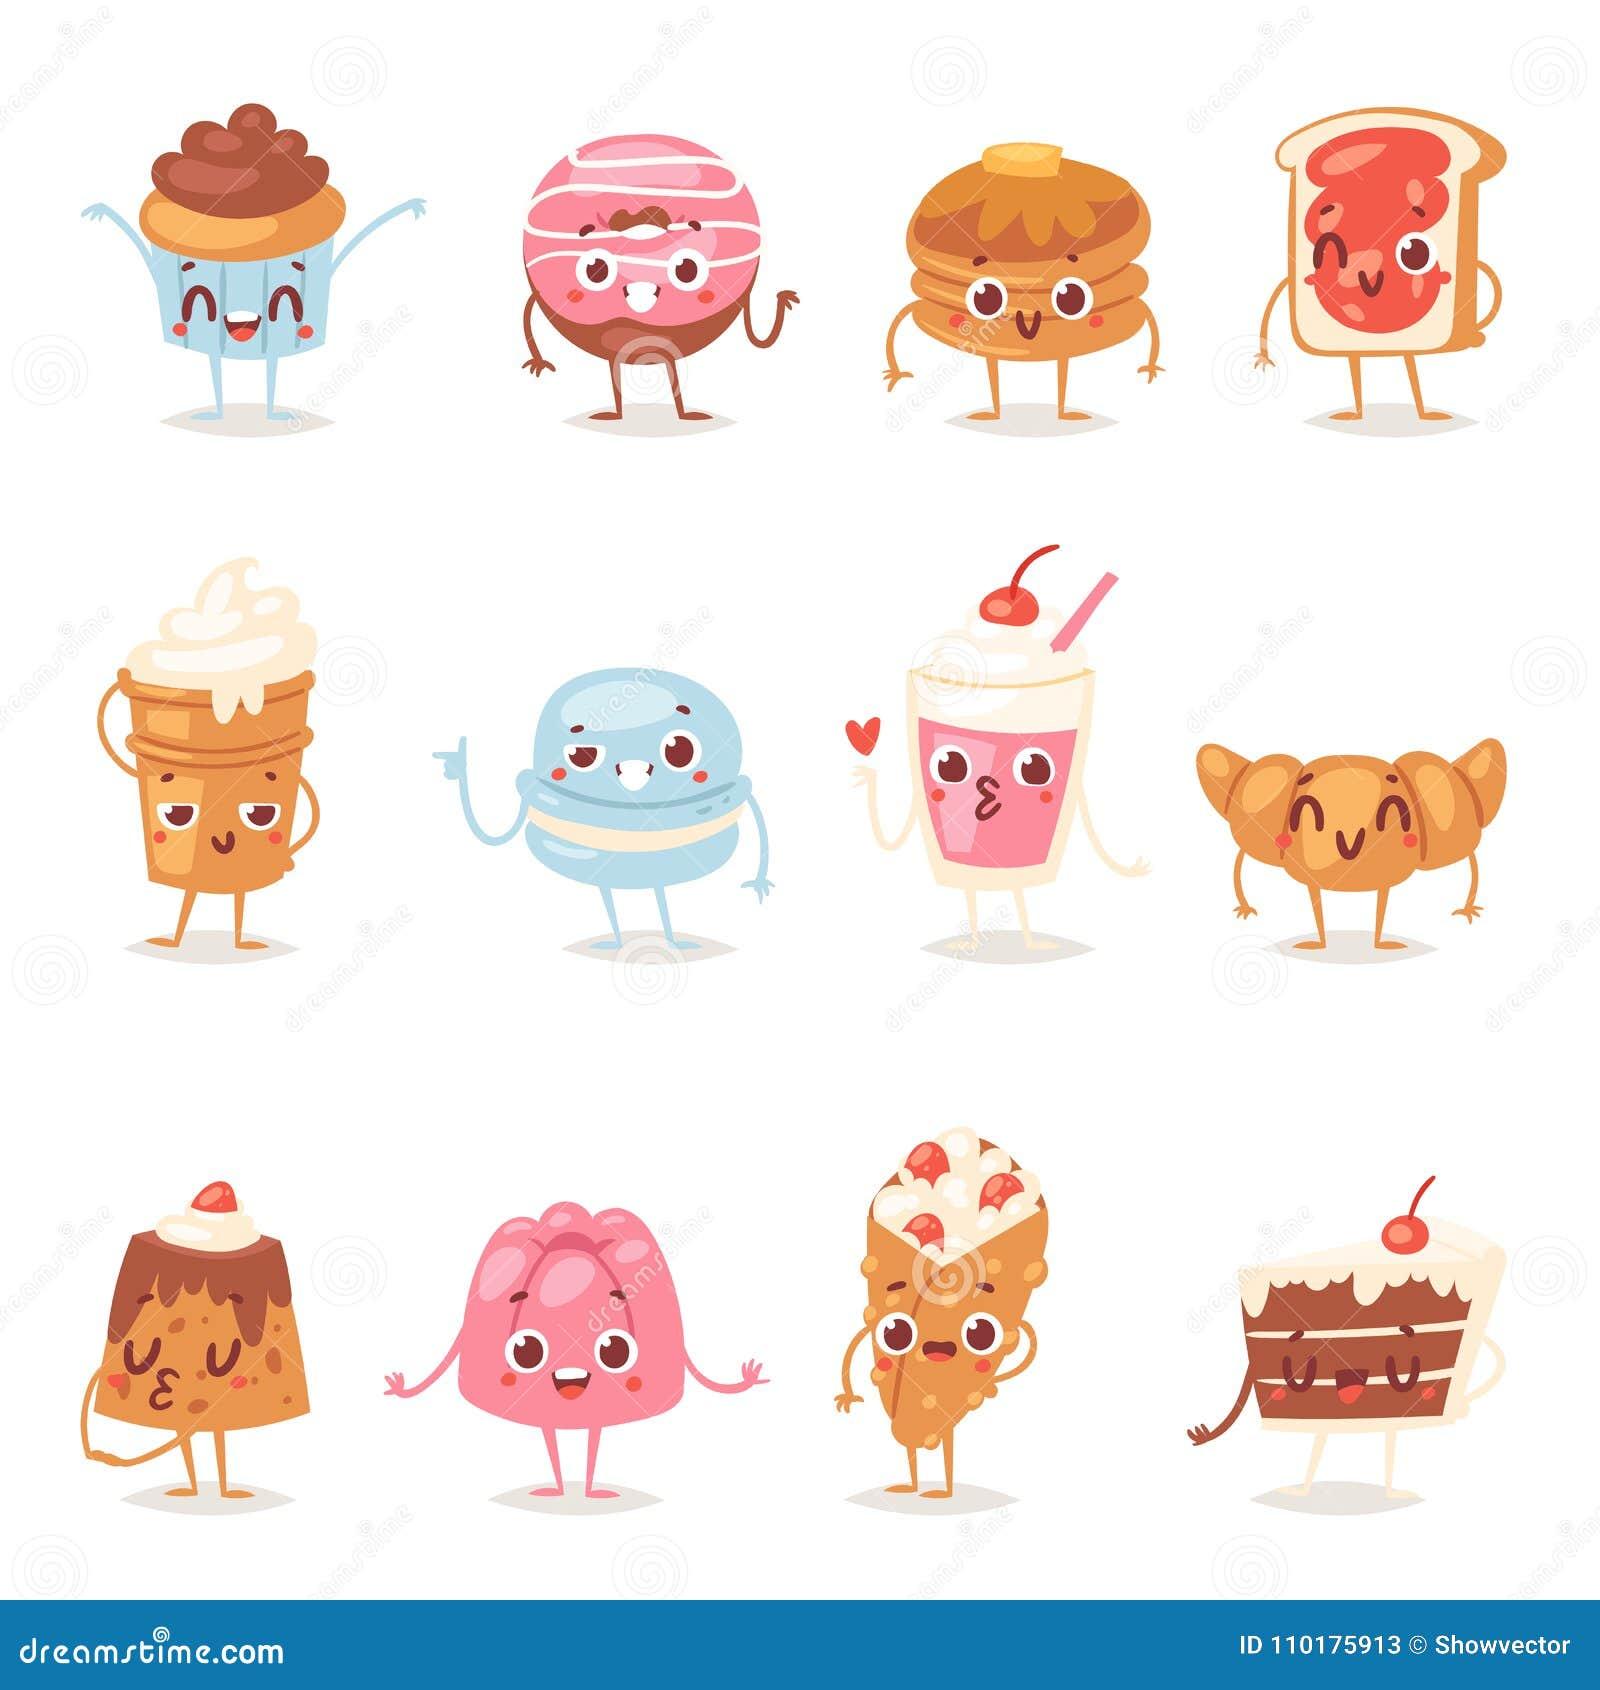 Gefühl des Karikaturkuchencharaktervektorschokoladenbonbonsüßigkeiten-kleinen Kuchens und süßer Konfektionsartikelnachtisch mit z